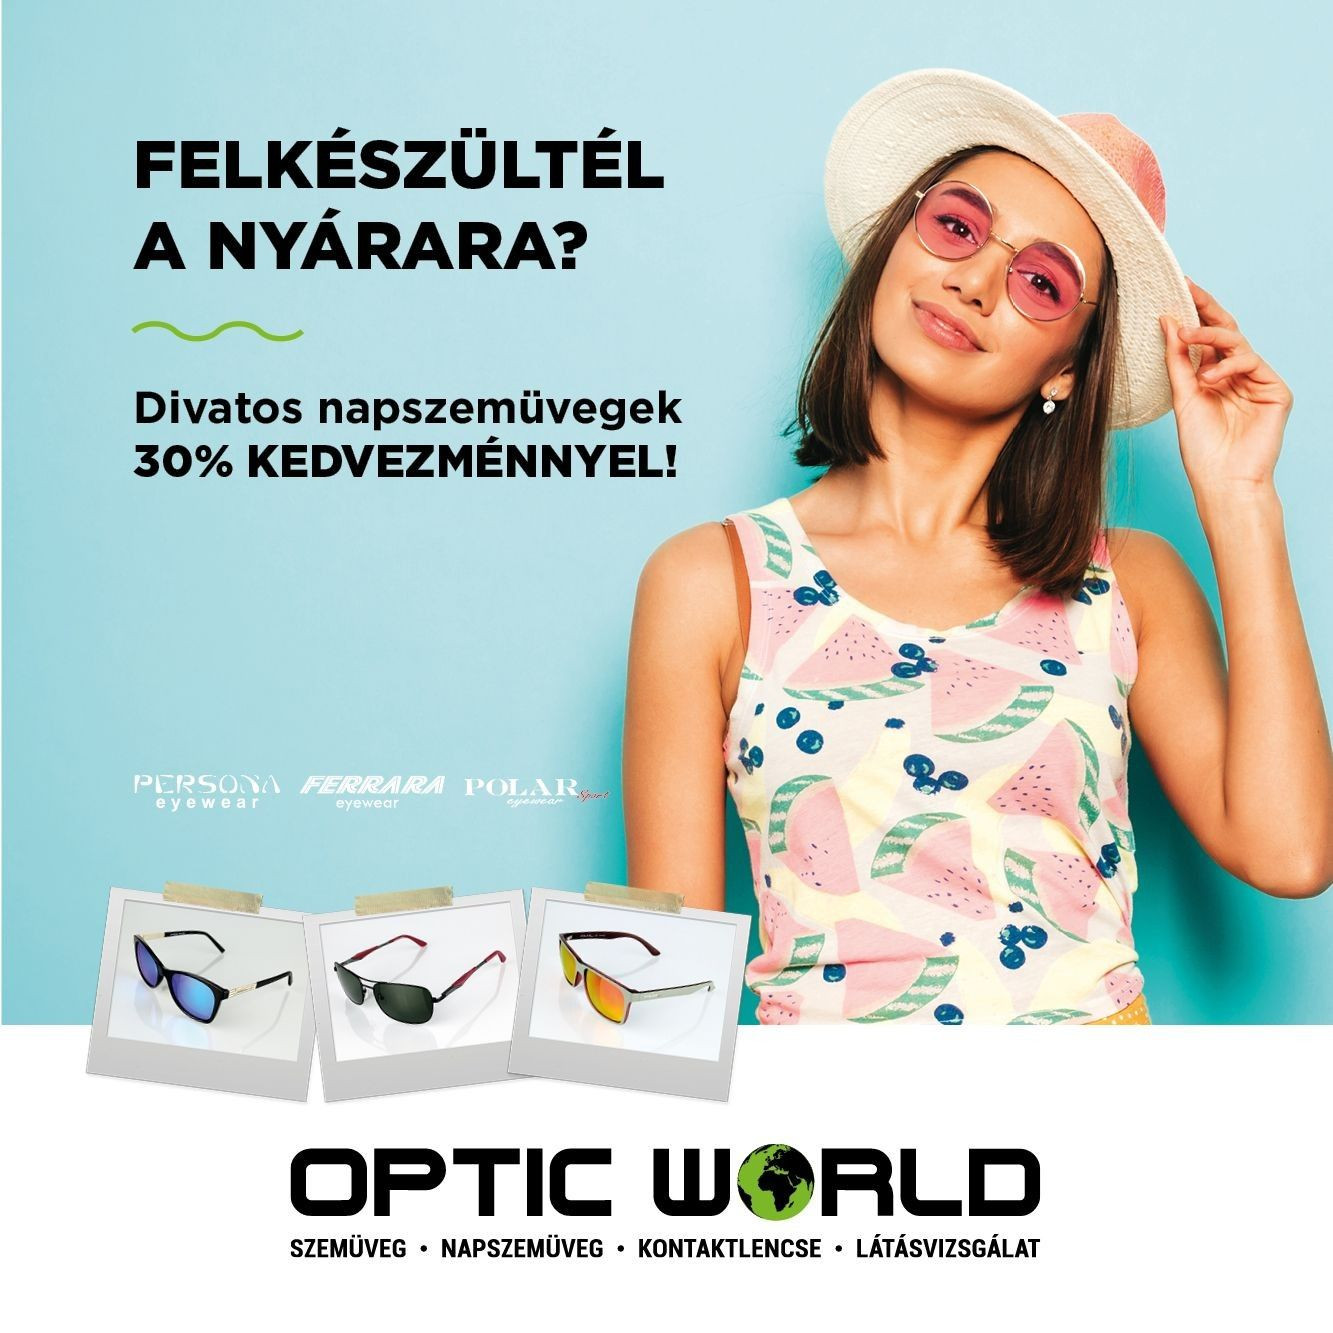 Napszemüveg - 30% kedvezmény!